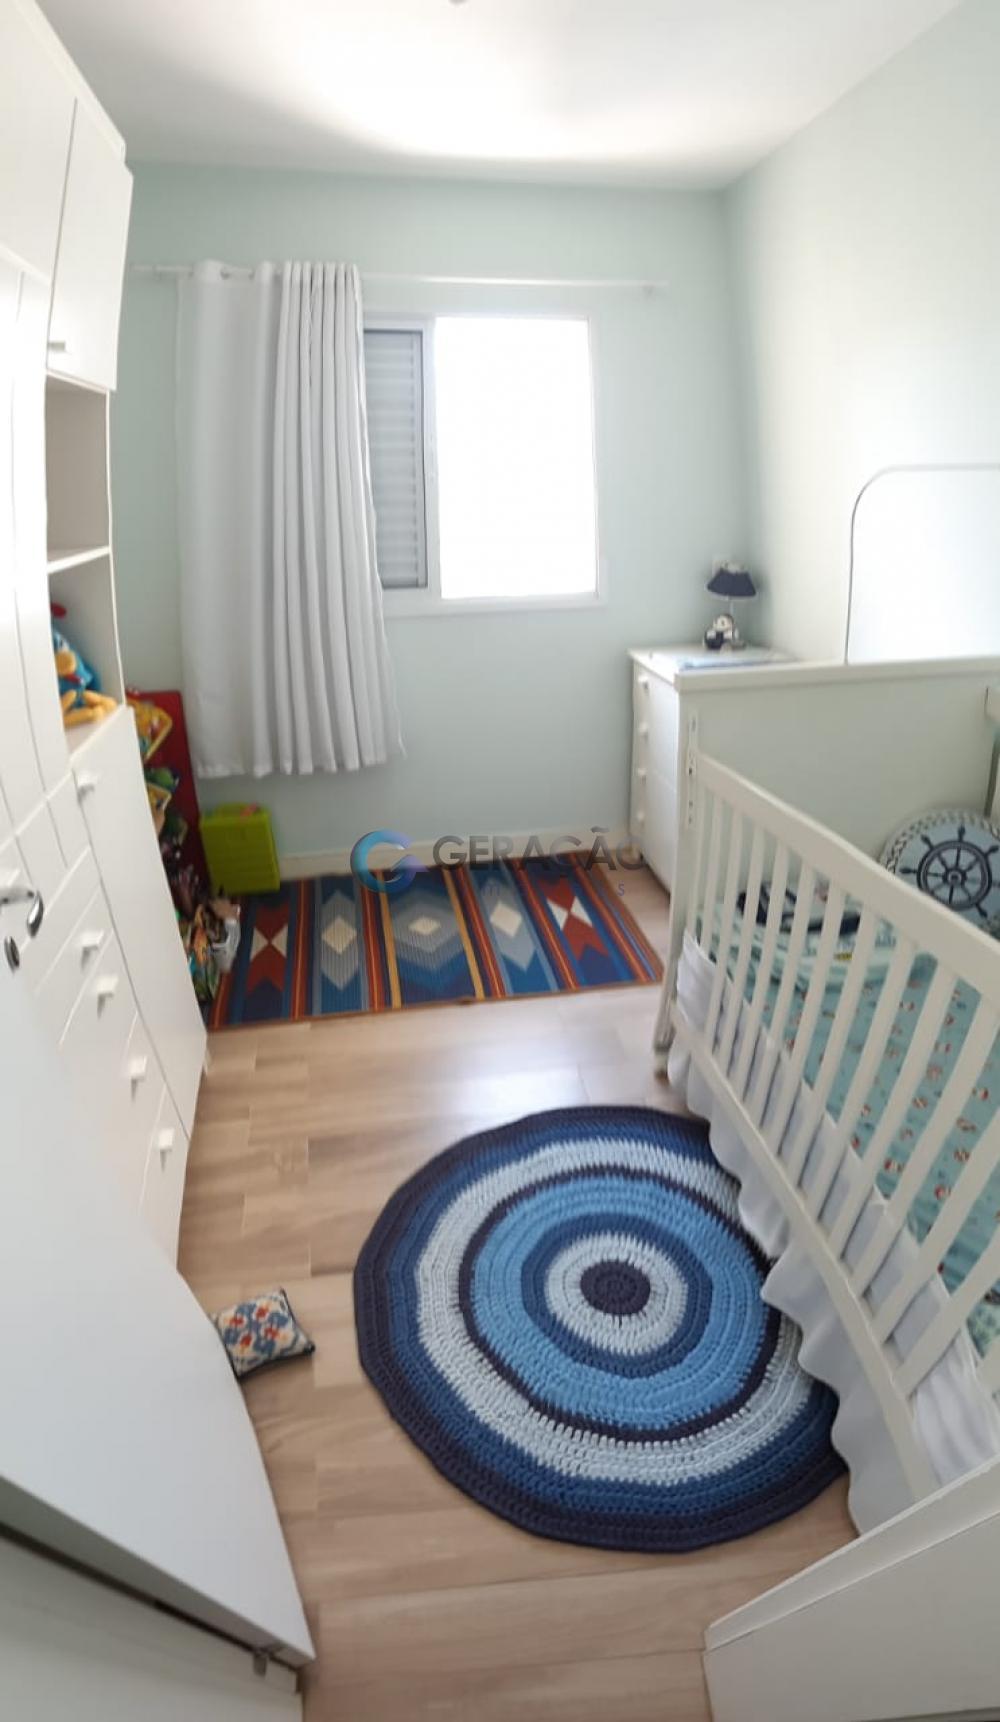 Comprar Apartamento / Padrão em São José dos Campos apenas R$ 800.000,00 - Foto 14